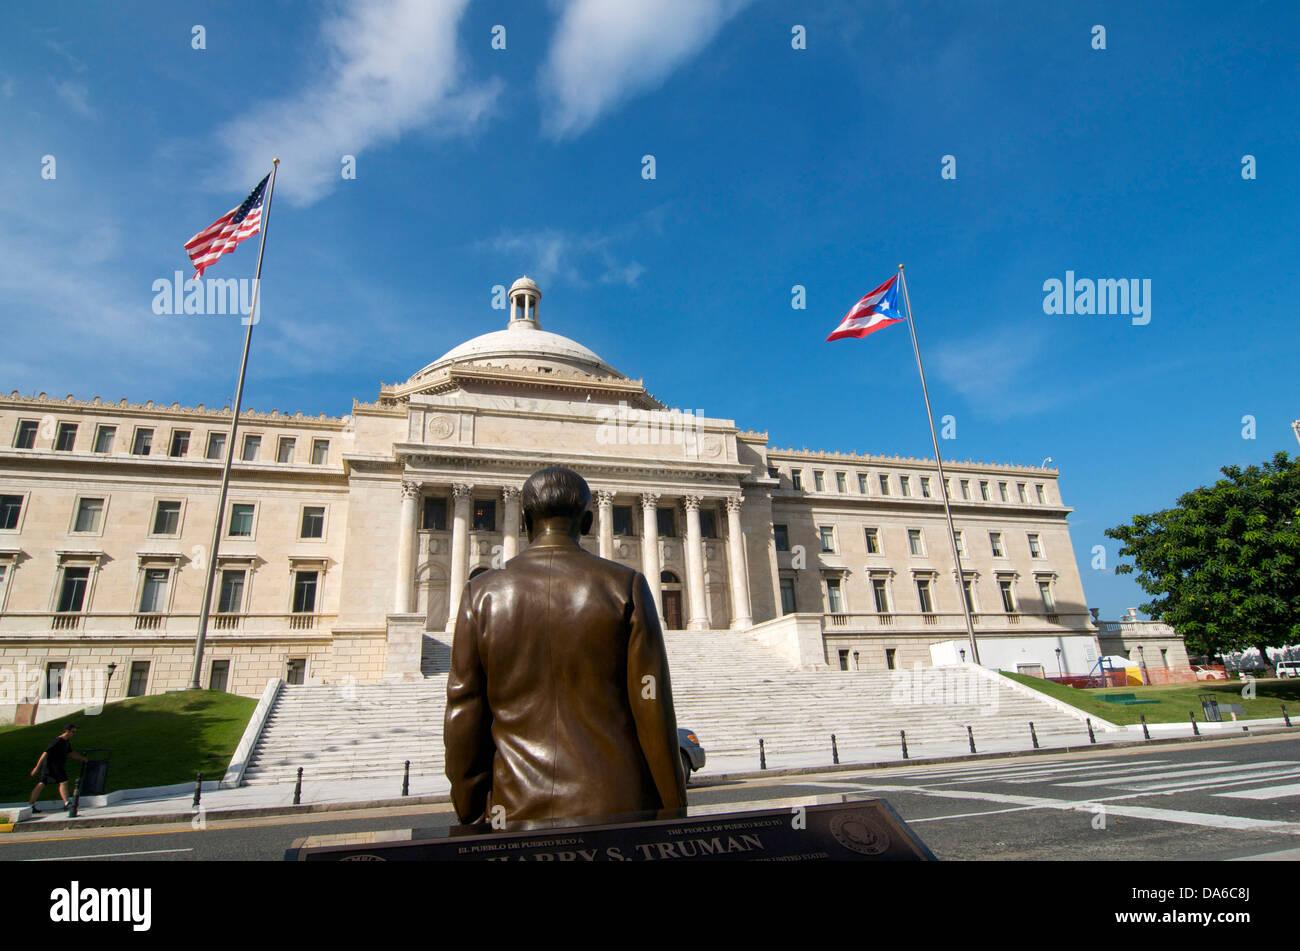 Puerto Rico, el Caribe, Antillas Mayores, Antillas, Capitol, gobierno, construcción, arquitectura, parlamento, Imagen De Stock